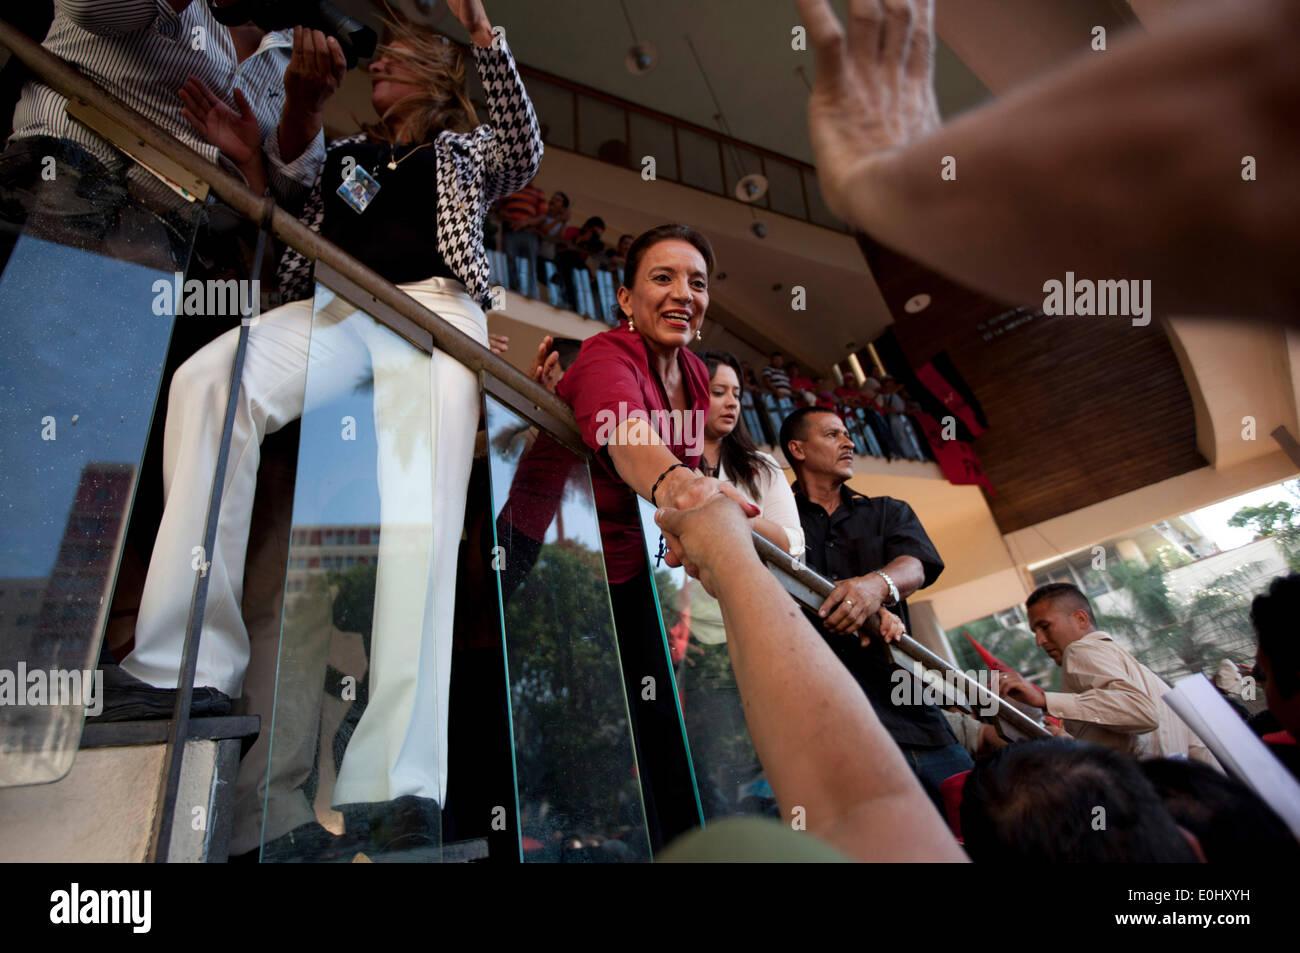 Tegucigalpa, Honduras. 13 mai, 2014. L'ancien candidat à la présidence de la liberté et, de la Refondation (Libre, pour son sigle en espagnol), Xiomara Castro (C), salue des disciples devant le Congrès national à Tegucigalpa, Honduras, le 13 mai 2014. Partisans et des députés du Libre, la deuxième force politique au Honduras, a éclaté dans le Congrès national le mardi, après des affrontements avec des éléments de la police qui gardait le Palais législatif. Credit: Rafael Ochoa/Xinhua/Alamy Live News Banque D'Images